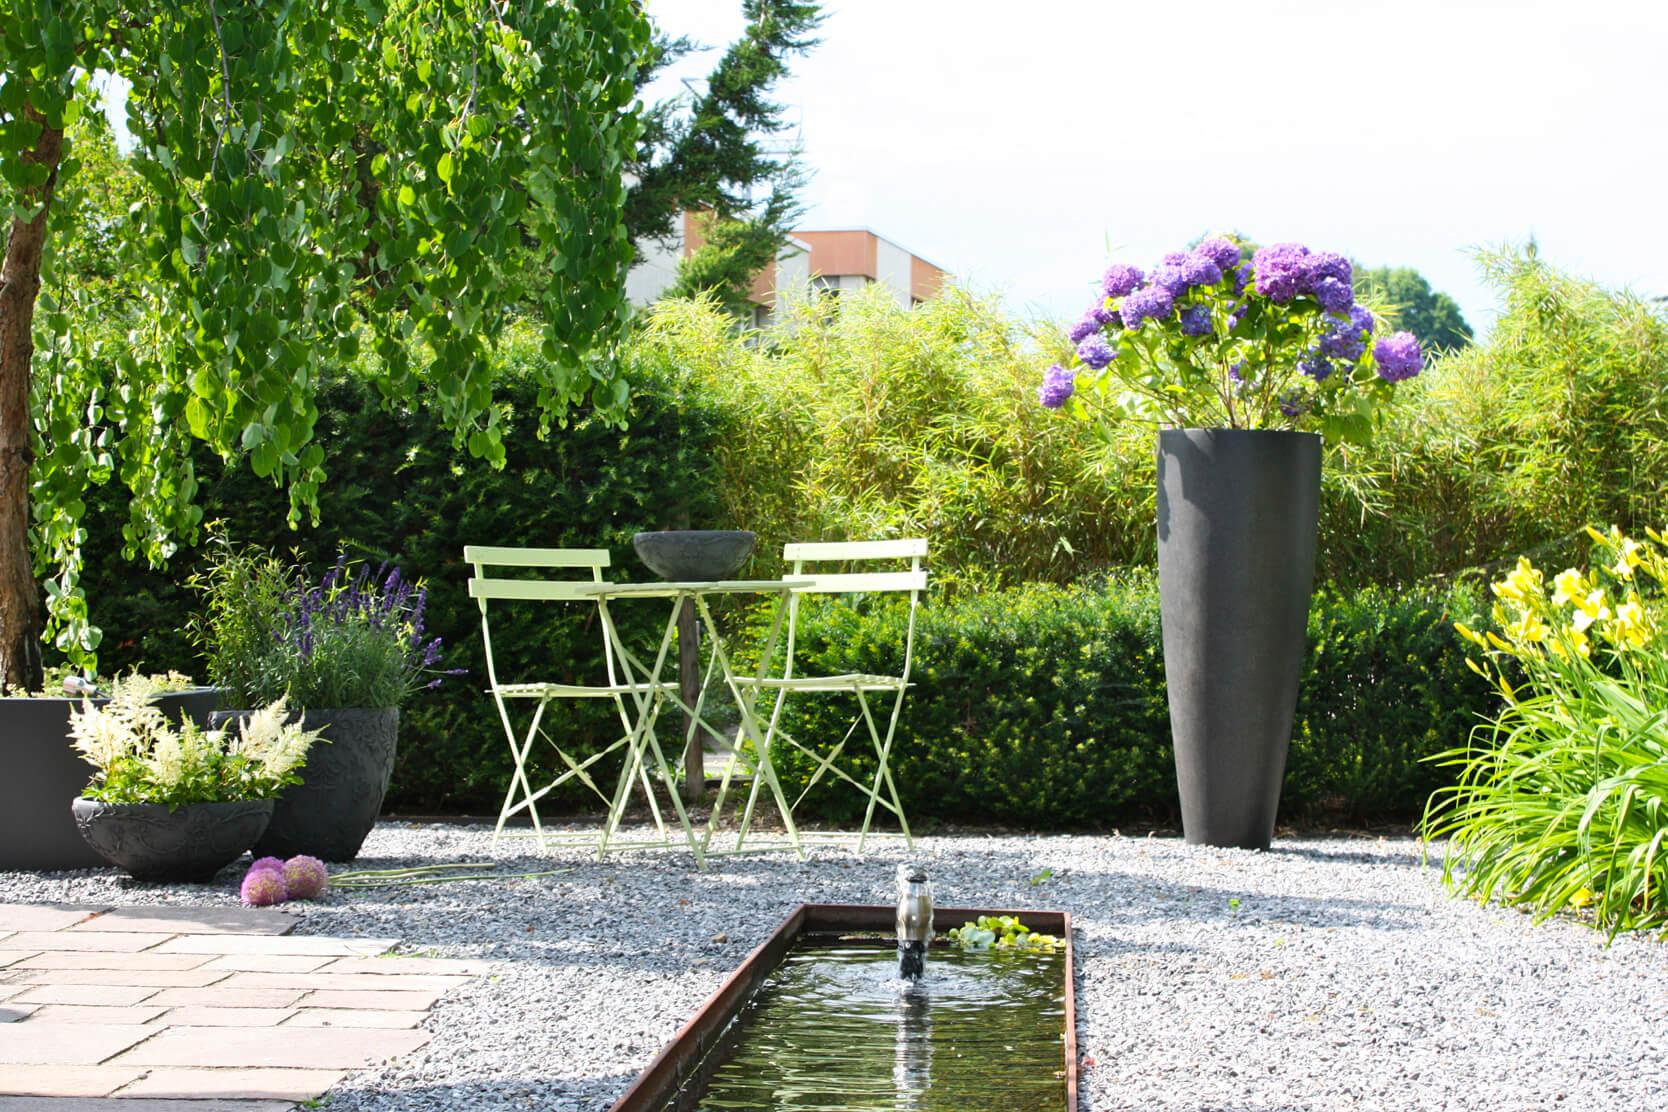 Pflegeleichter Garten Mit Brunnen Zurich Gartengestaltung